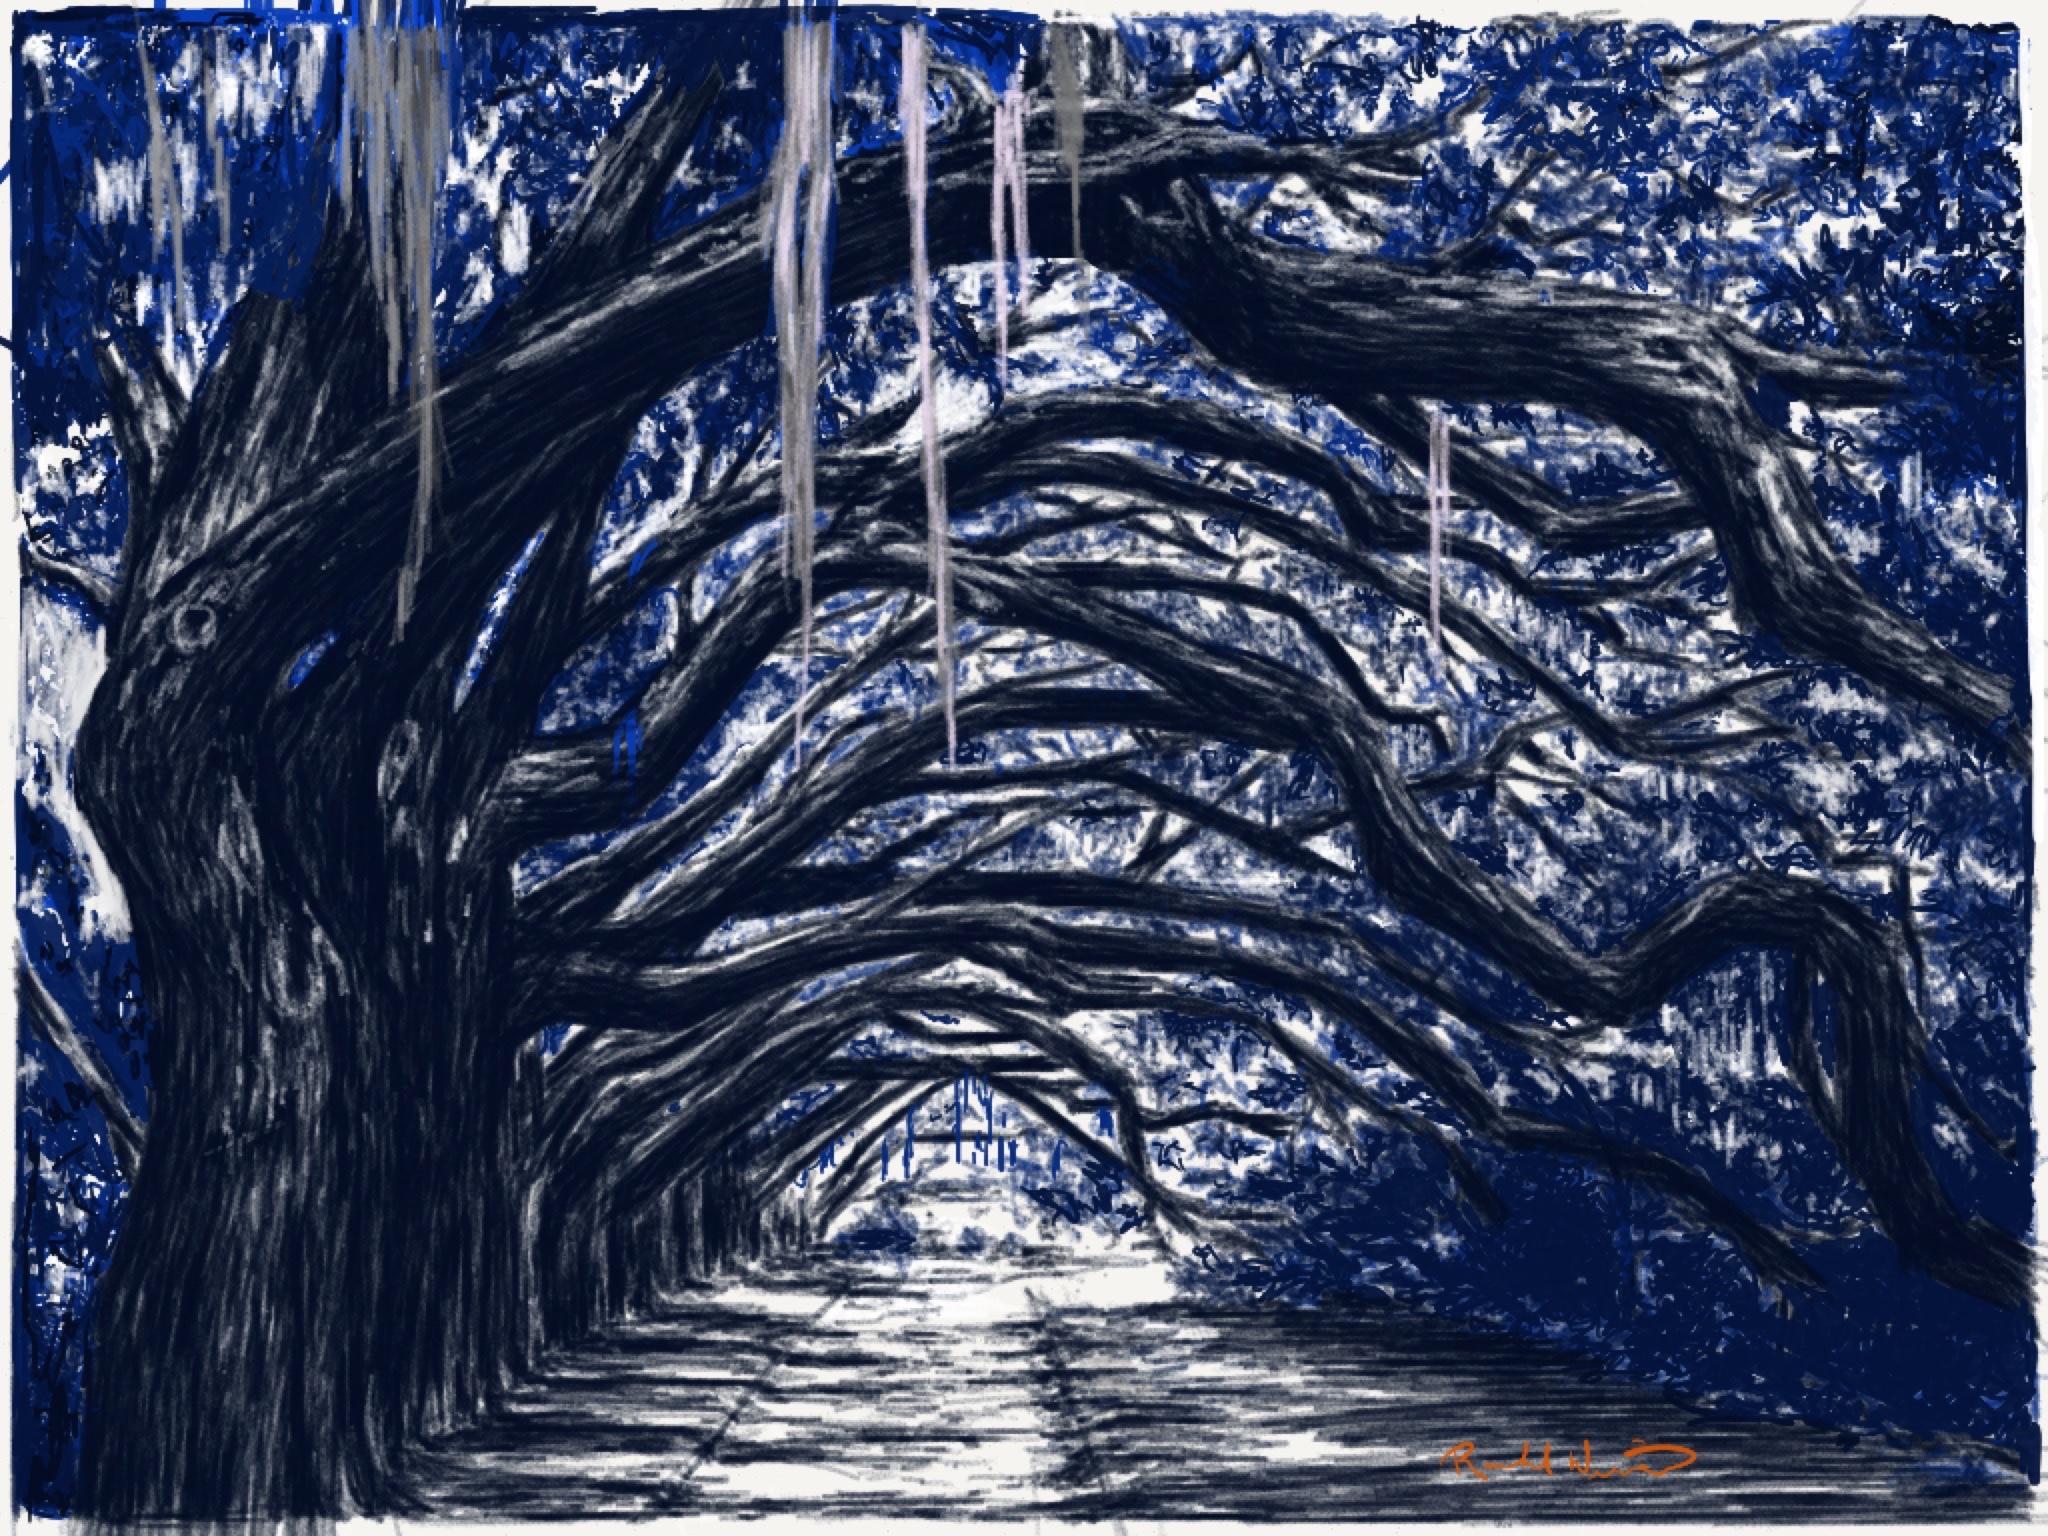 rachel-winner-illustrations-mckinney-texas 220.jpg